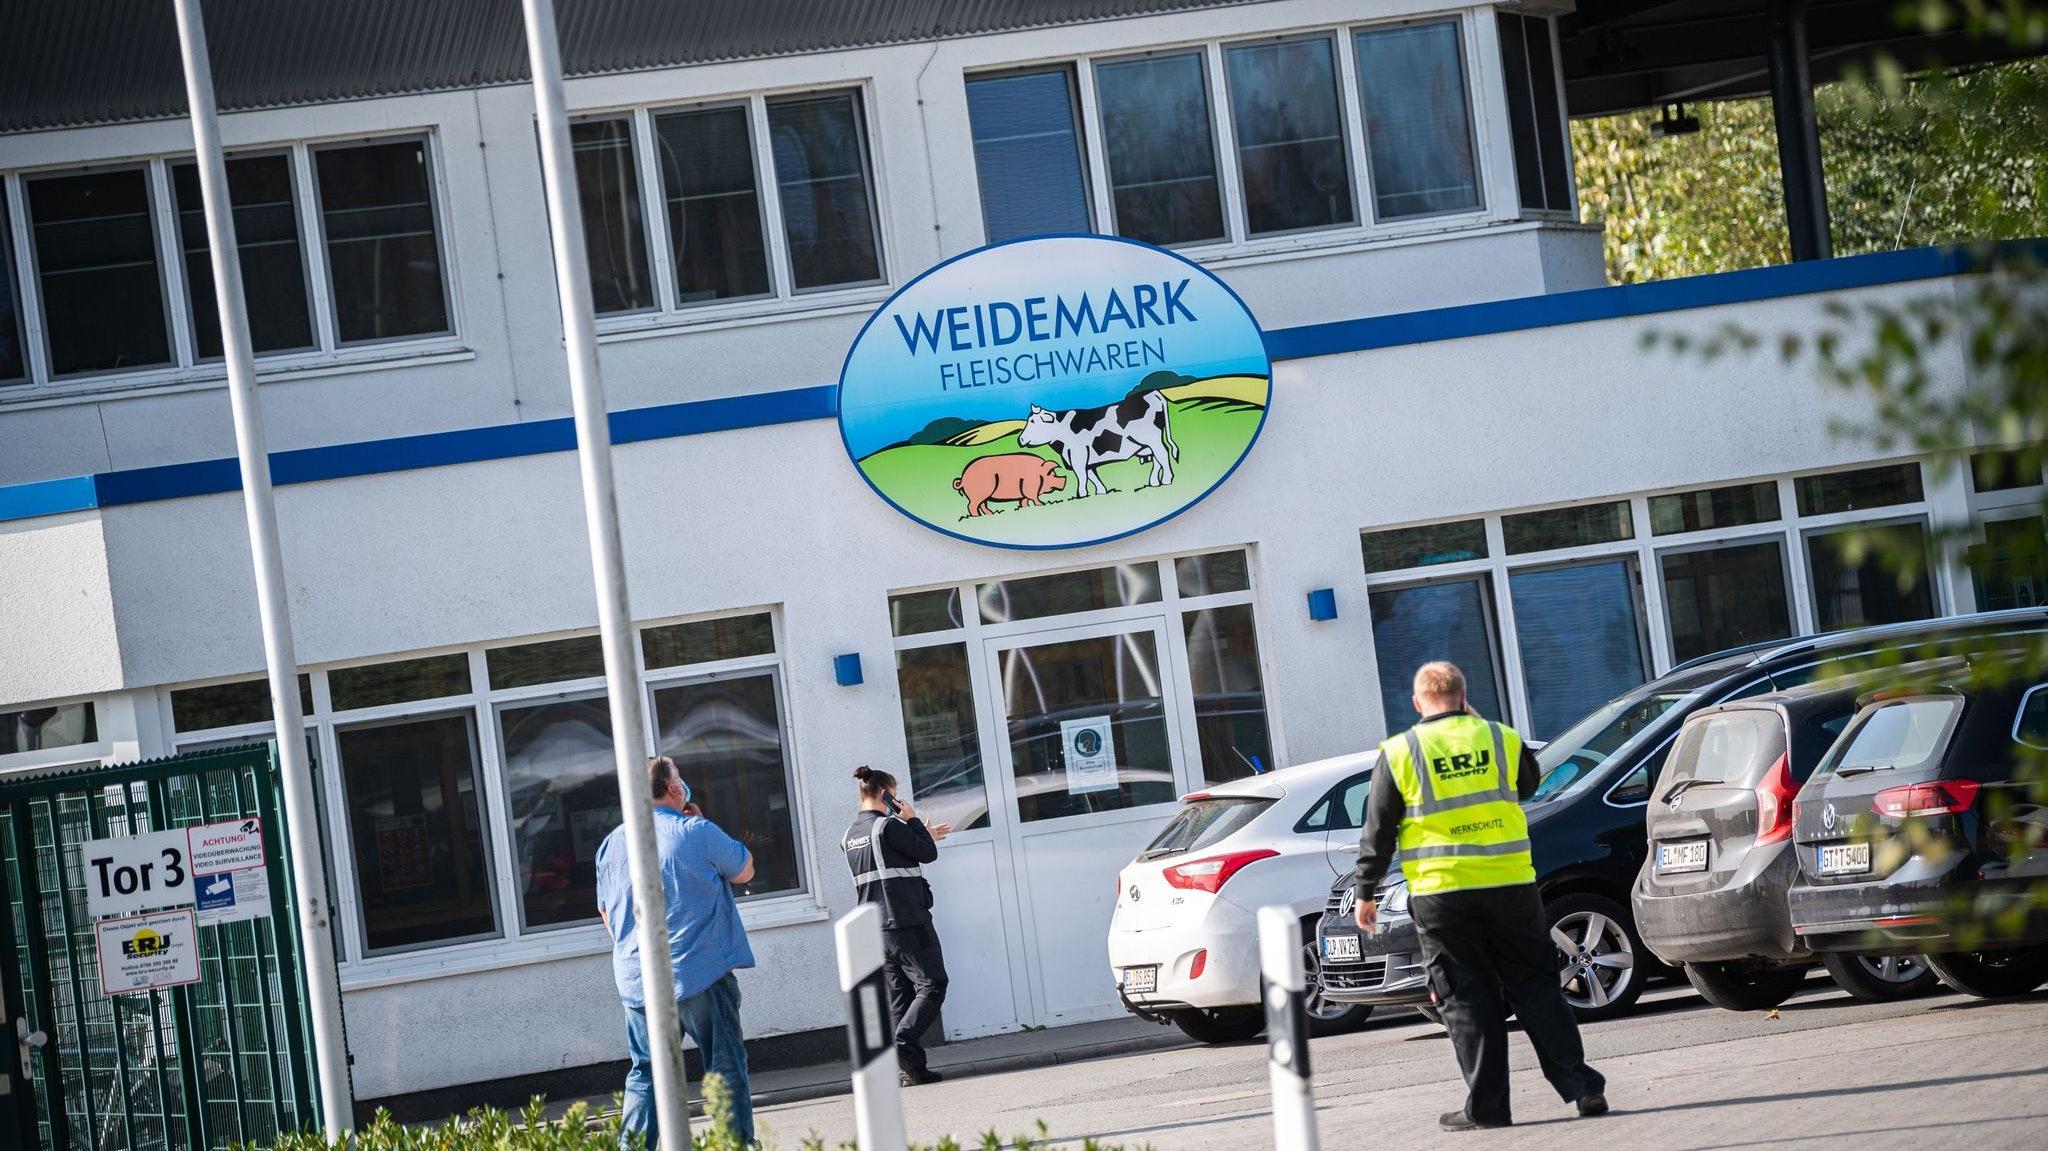 Die Tönnies-Tochterfirma Weidemark will gerichtlich gegen die vorübergehende Schließung vorgehen. Foto: dpa